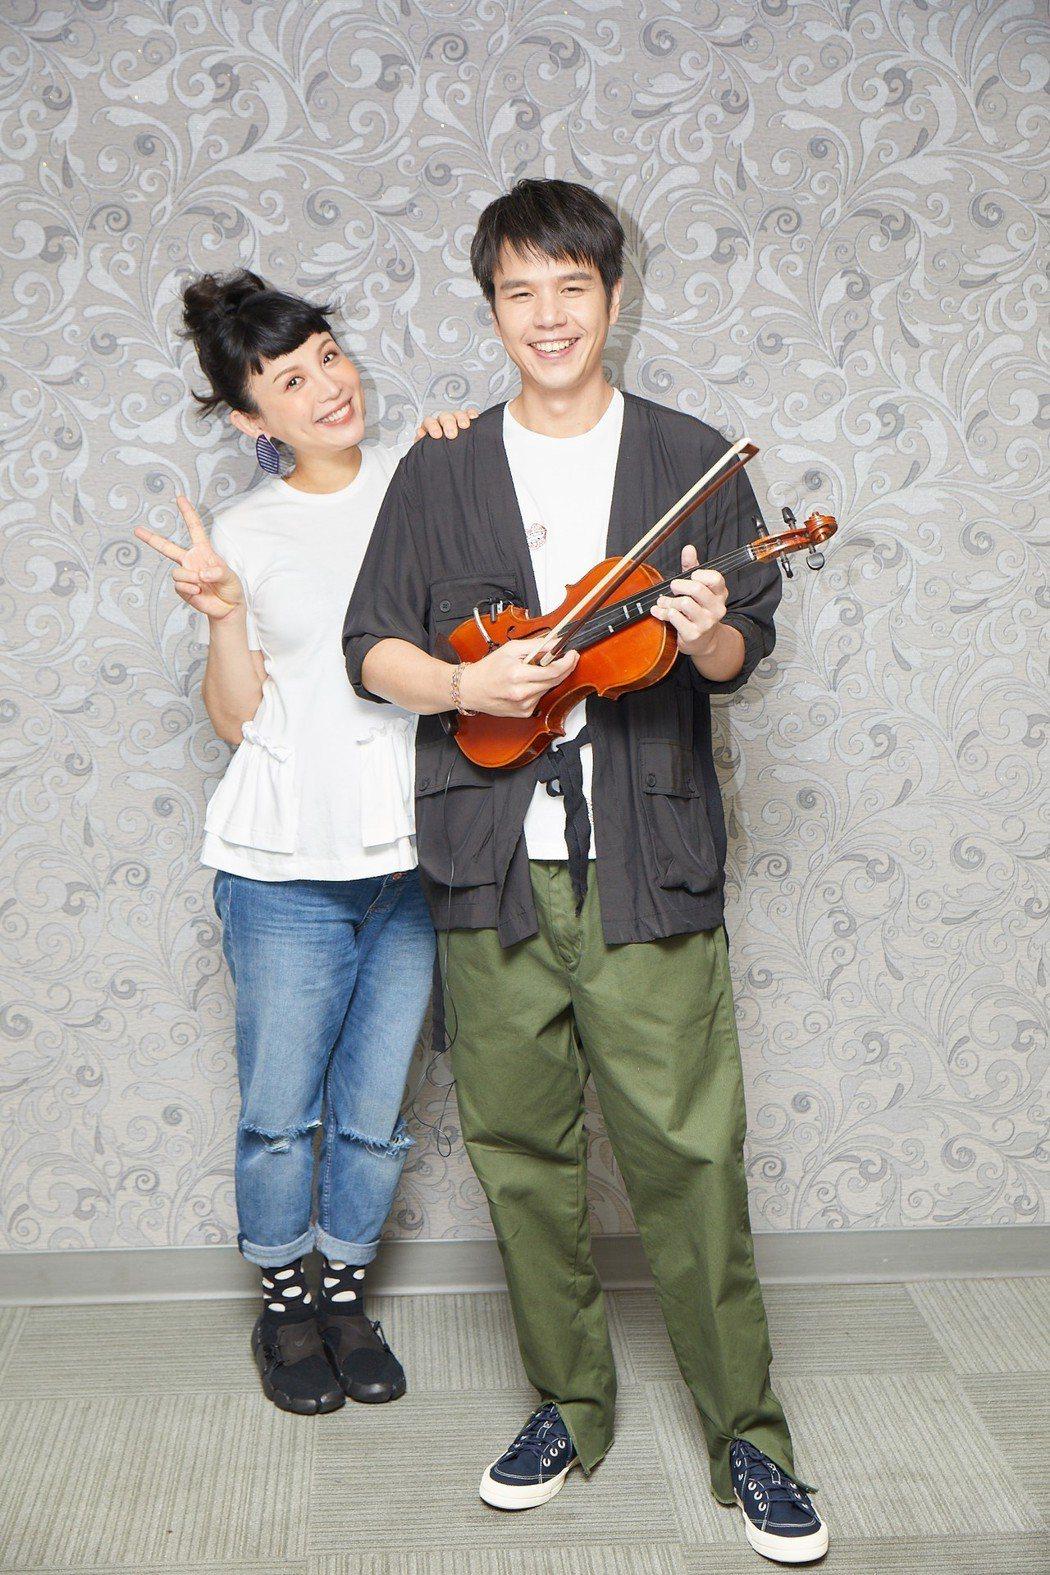 魏如萱(左)挺孕肚開唱,跟男友隆宸翰同台放閃。圖/好多音樂提供